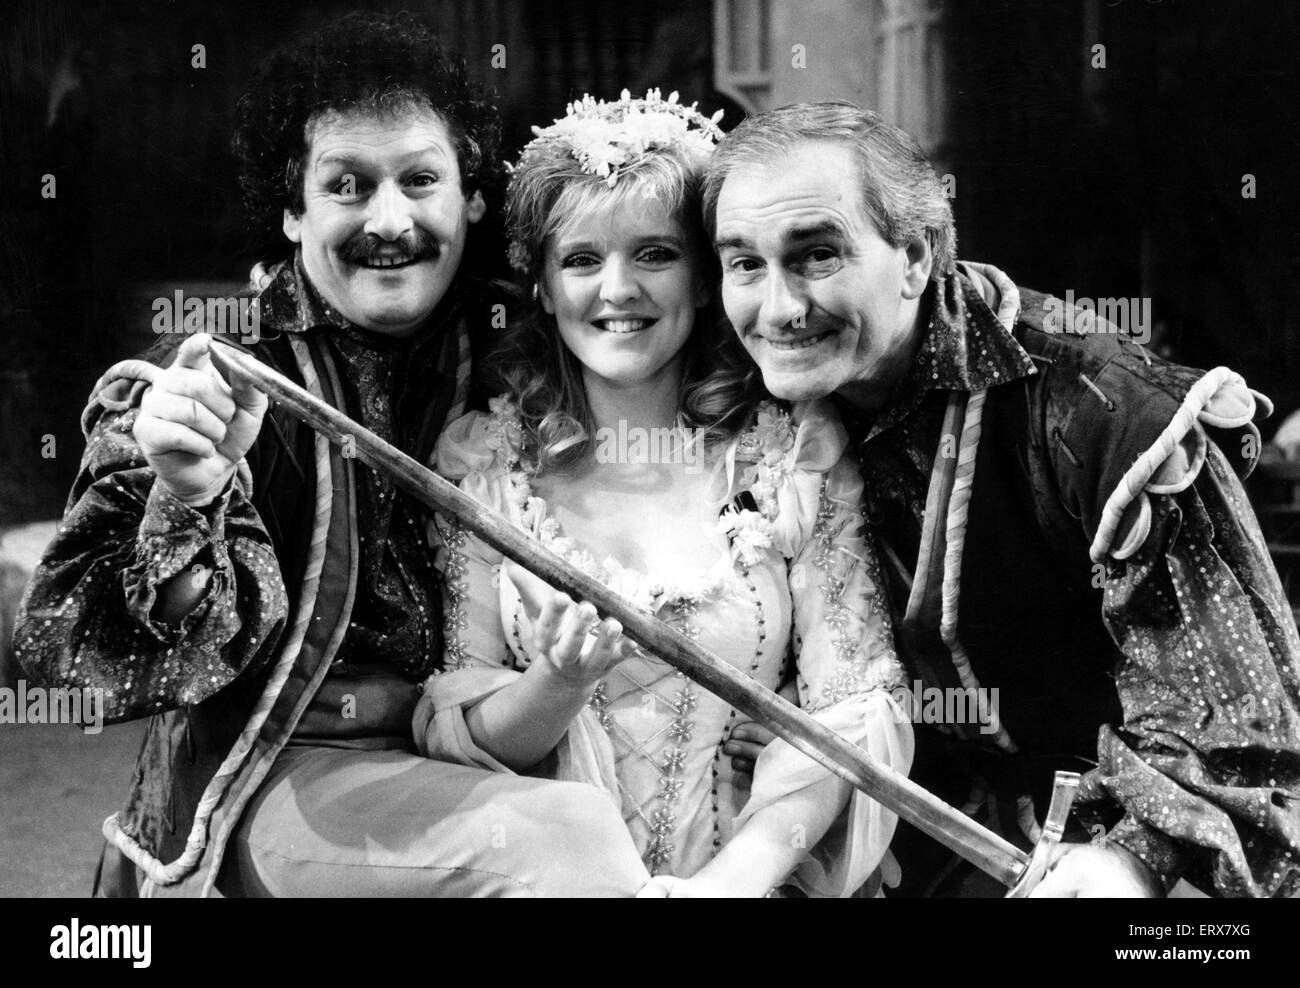 """Kanone und Ball star so bösen Räuber in """"Babes in the Wood"""" in Birmingham Hippodrome. Das Duo Stockbild"""